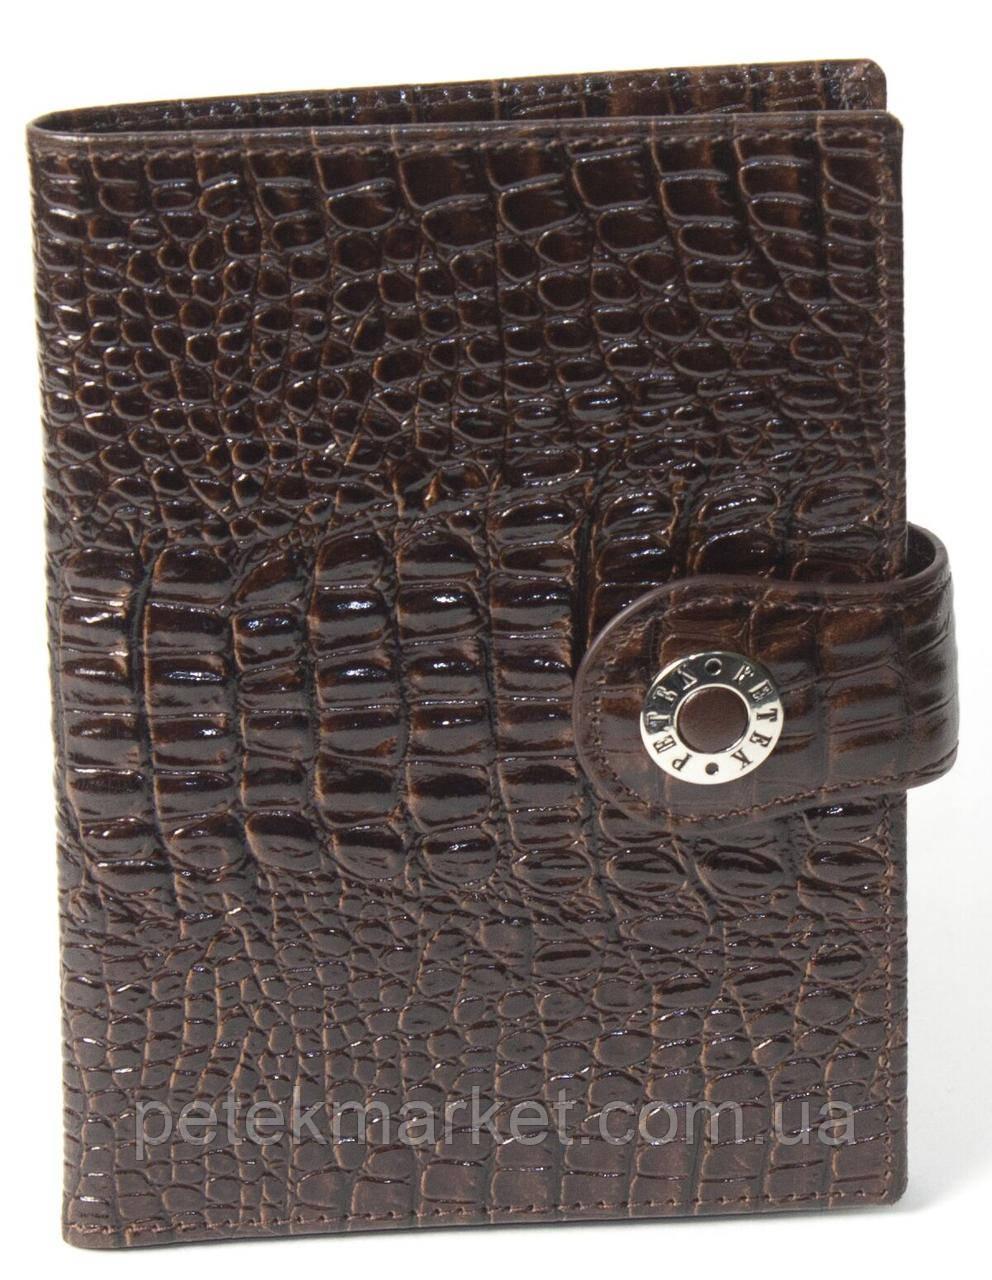 Обложка для паспорта Petek 652D, Коричневый, Рептилия, Матовая